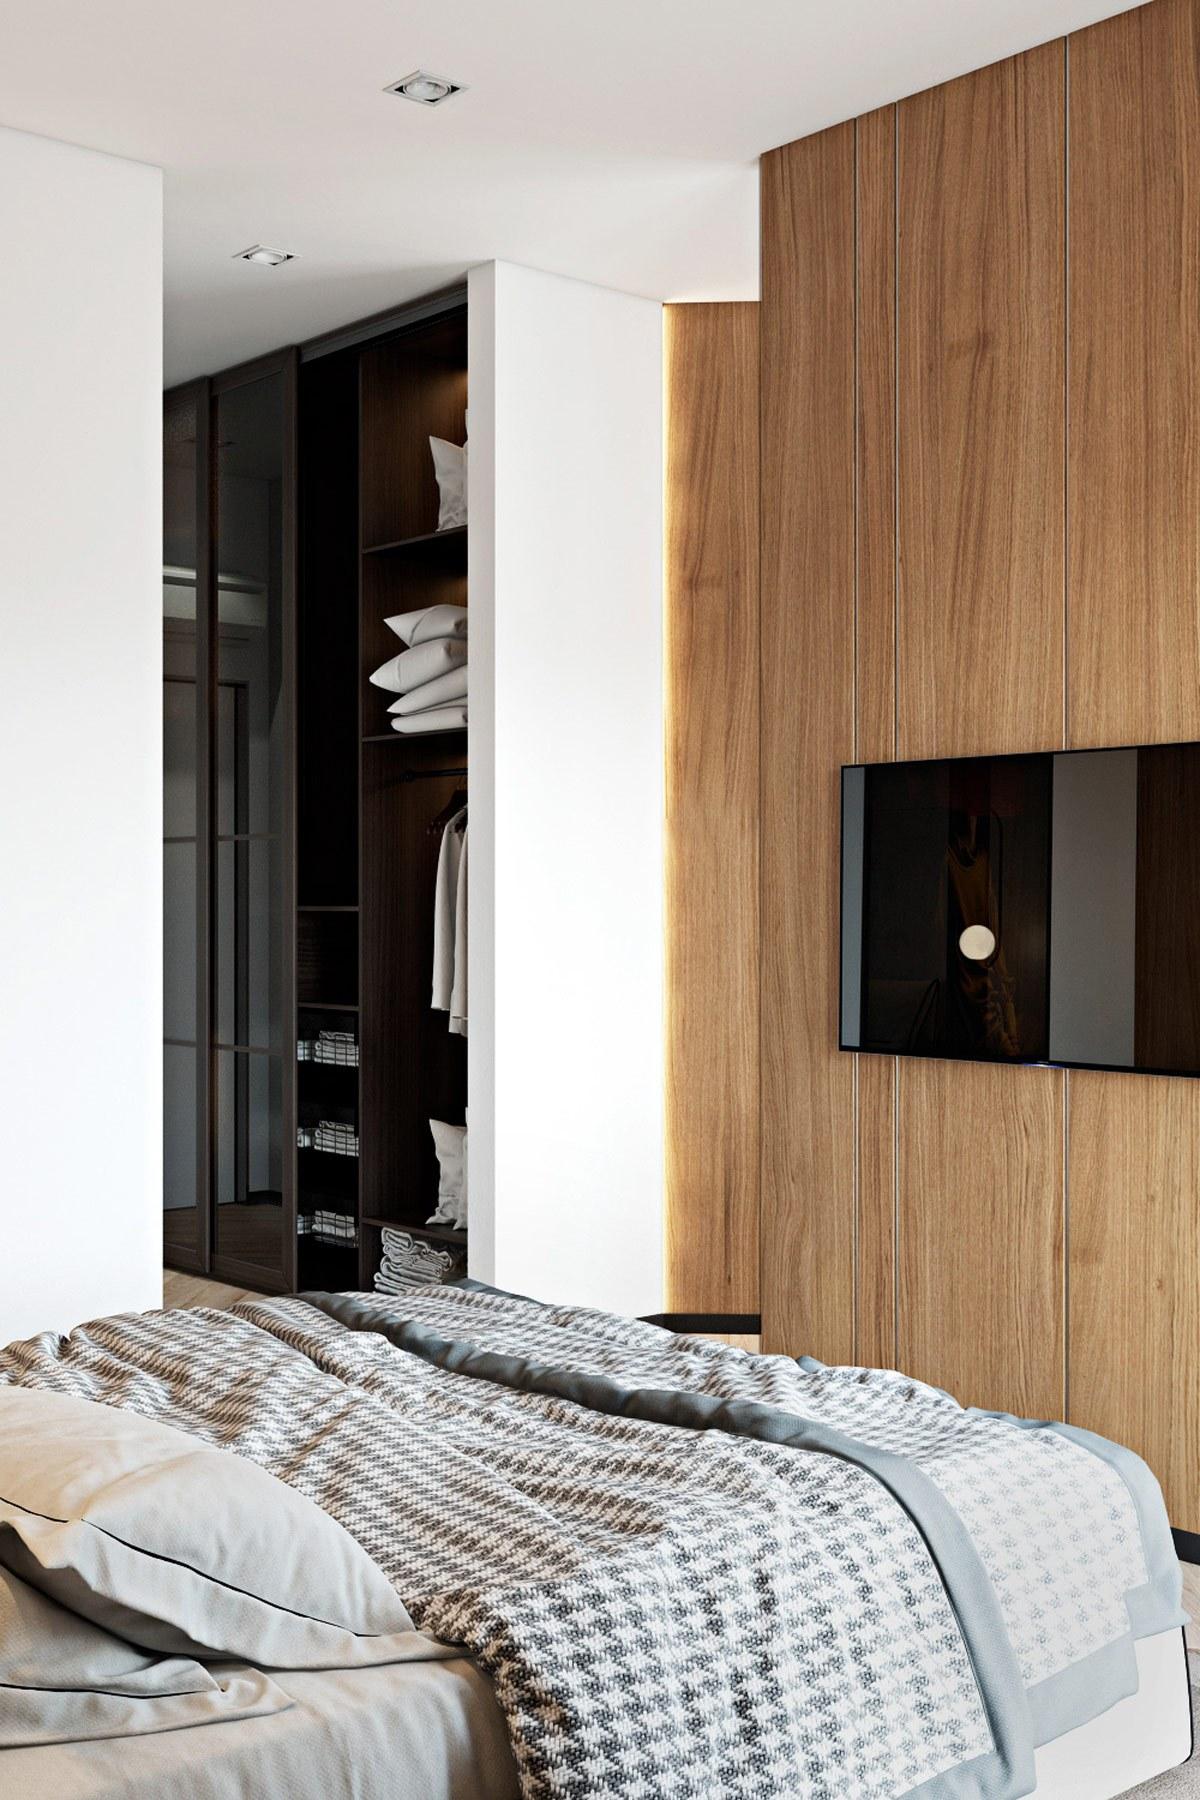 Ga giường màu xám sáng tạo nên sức sống khá mới mẻ